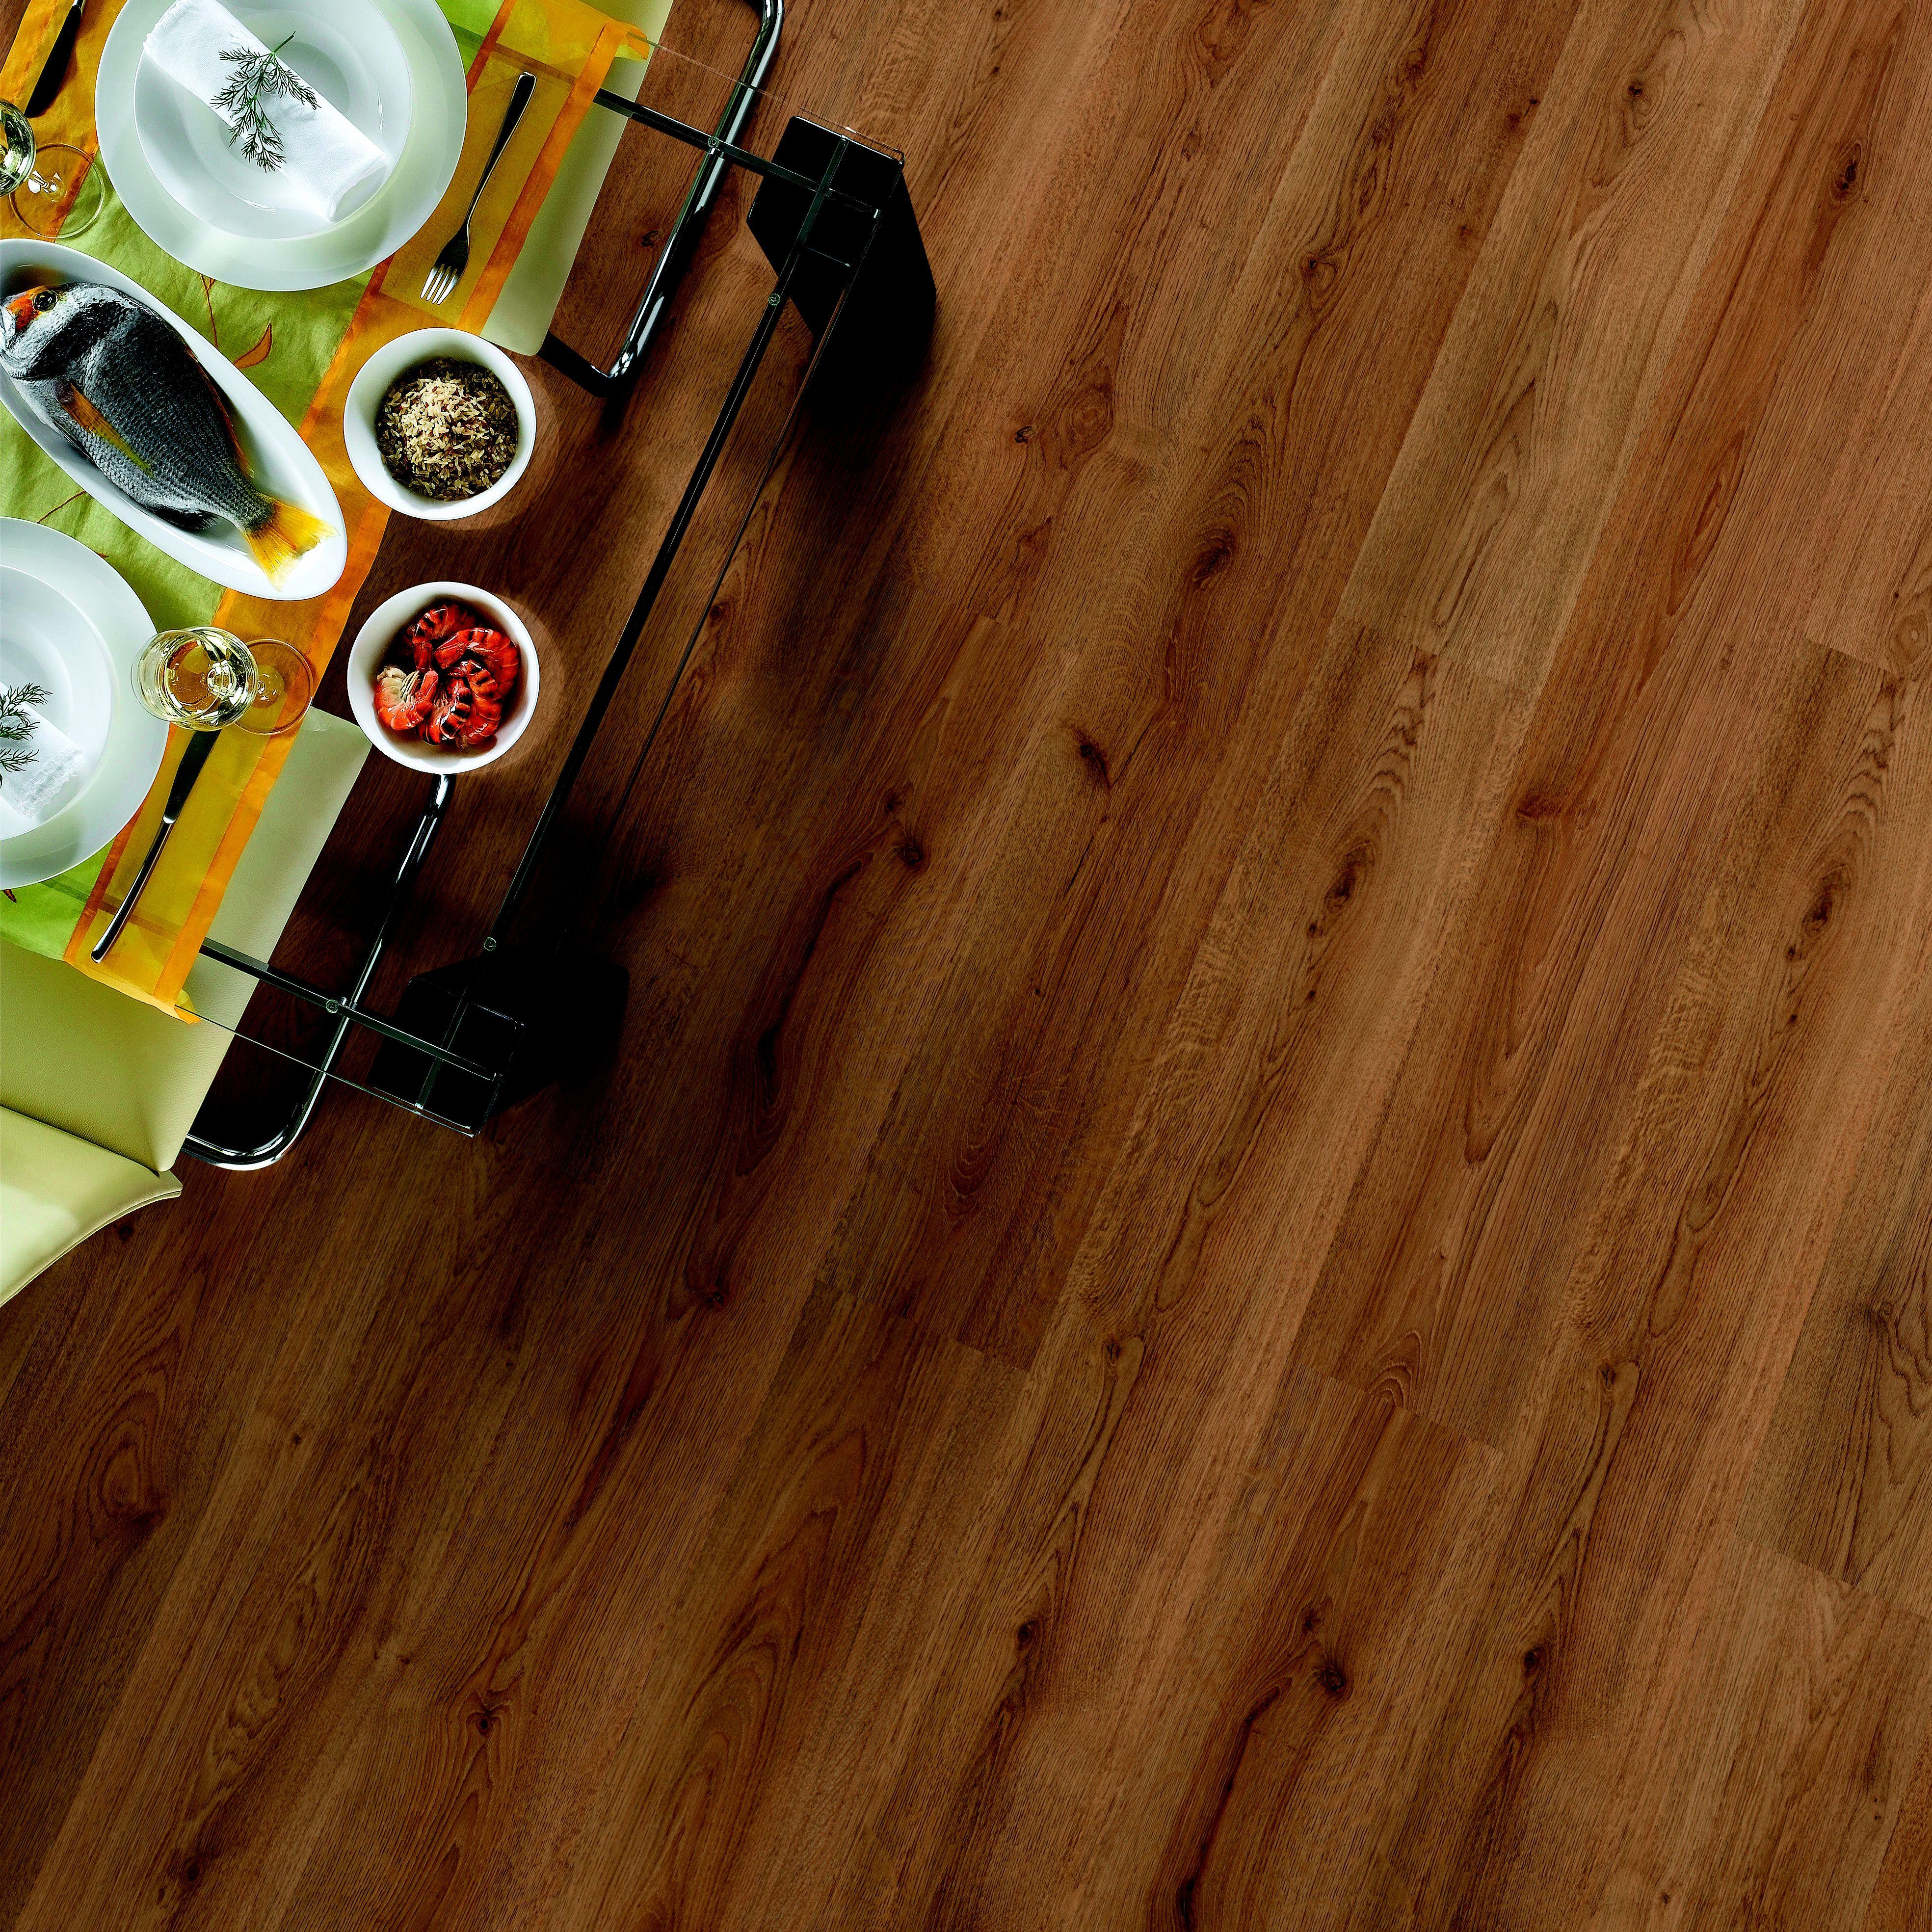 Oak Effect Laminate Flooring 2 92m² Pack Departments Diy At B Q